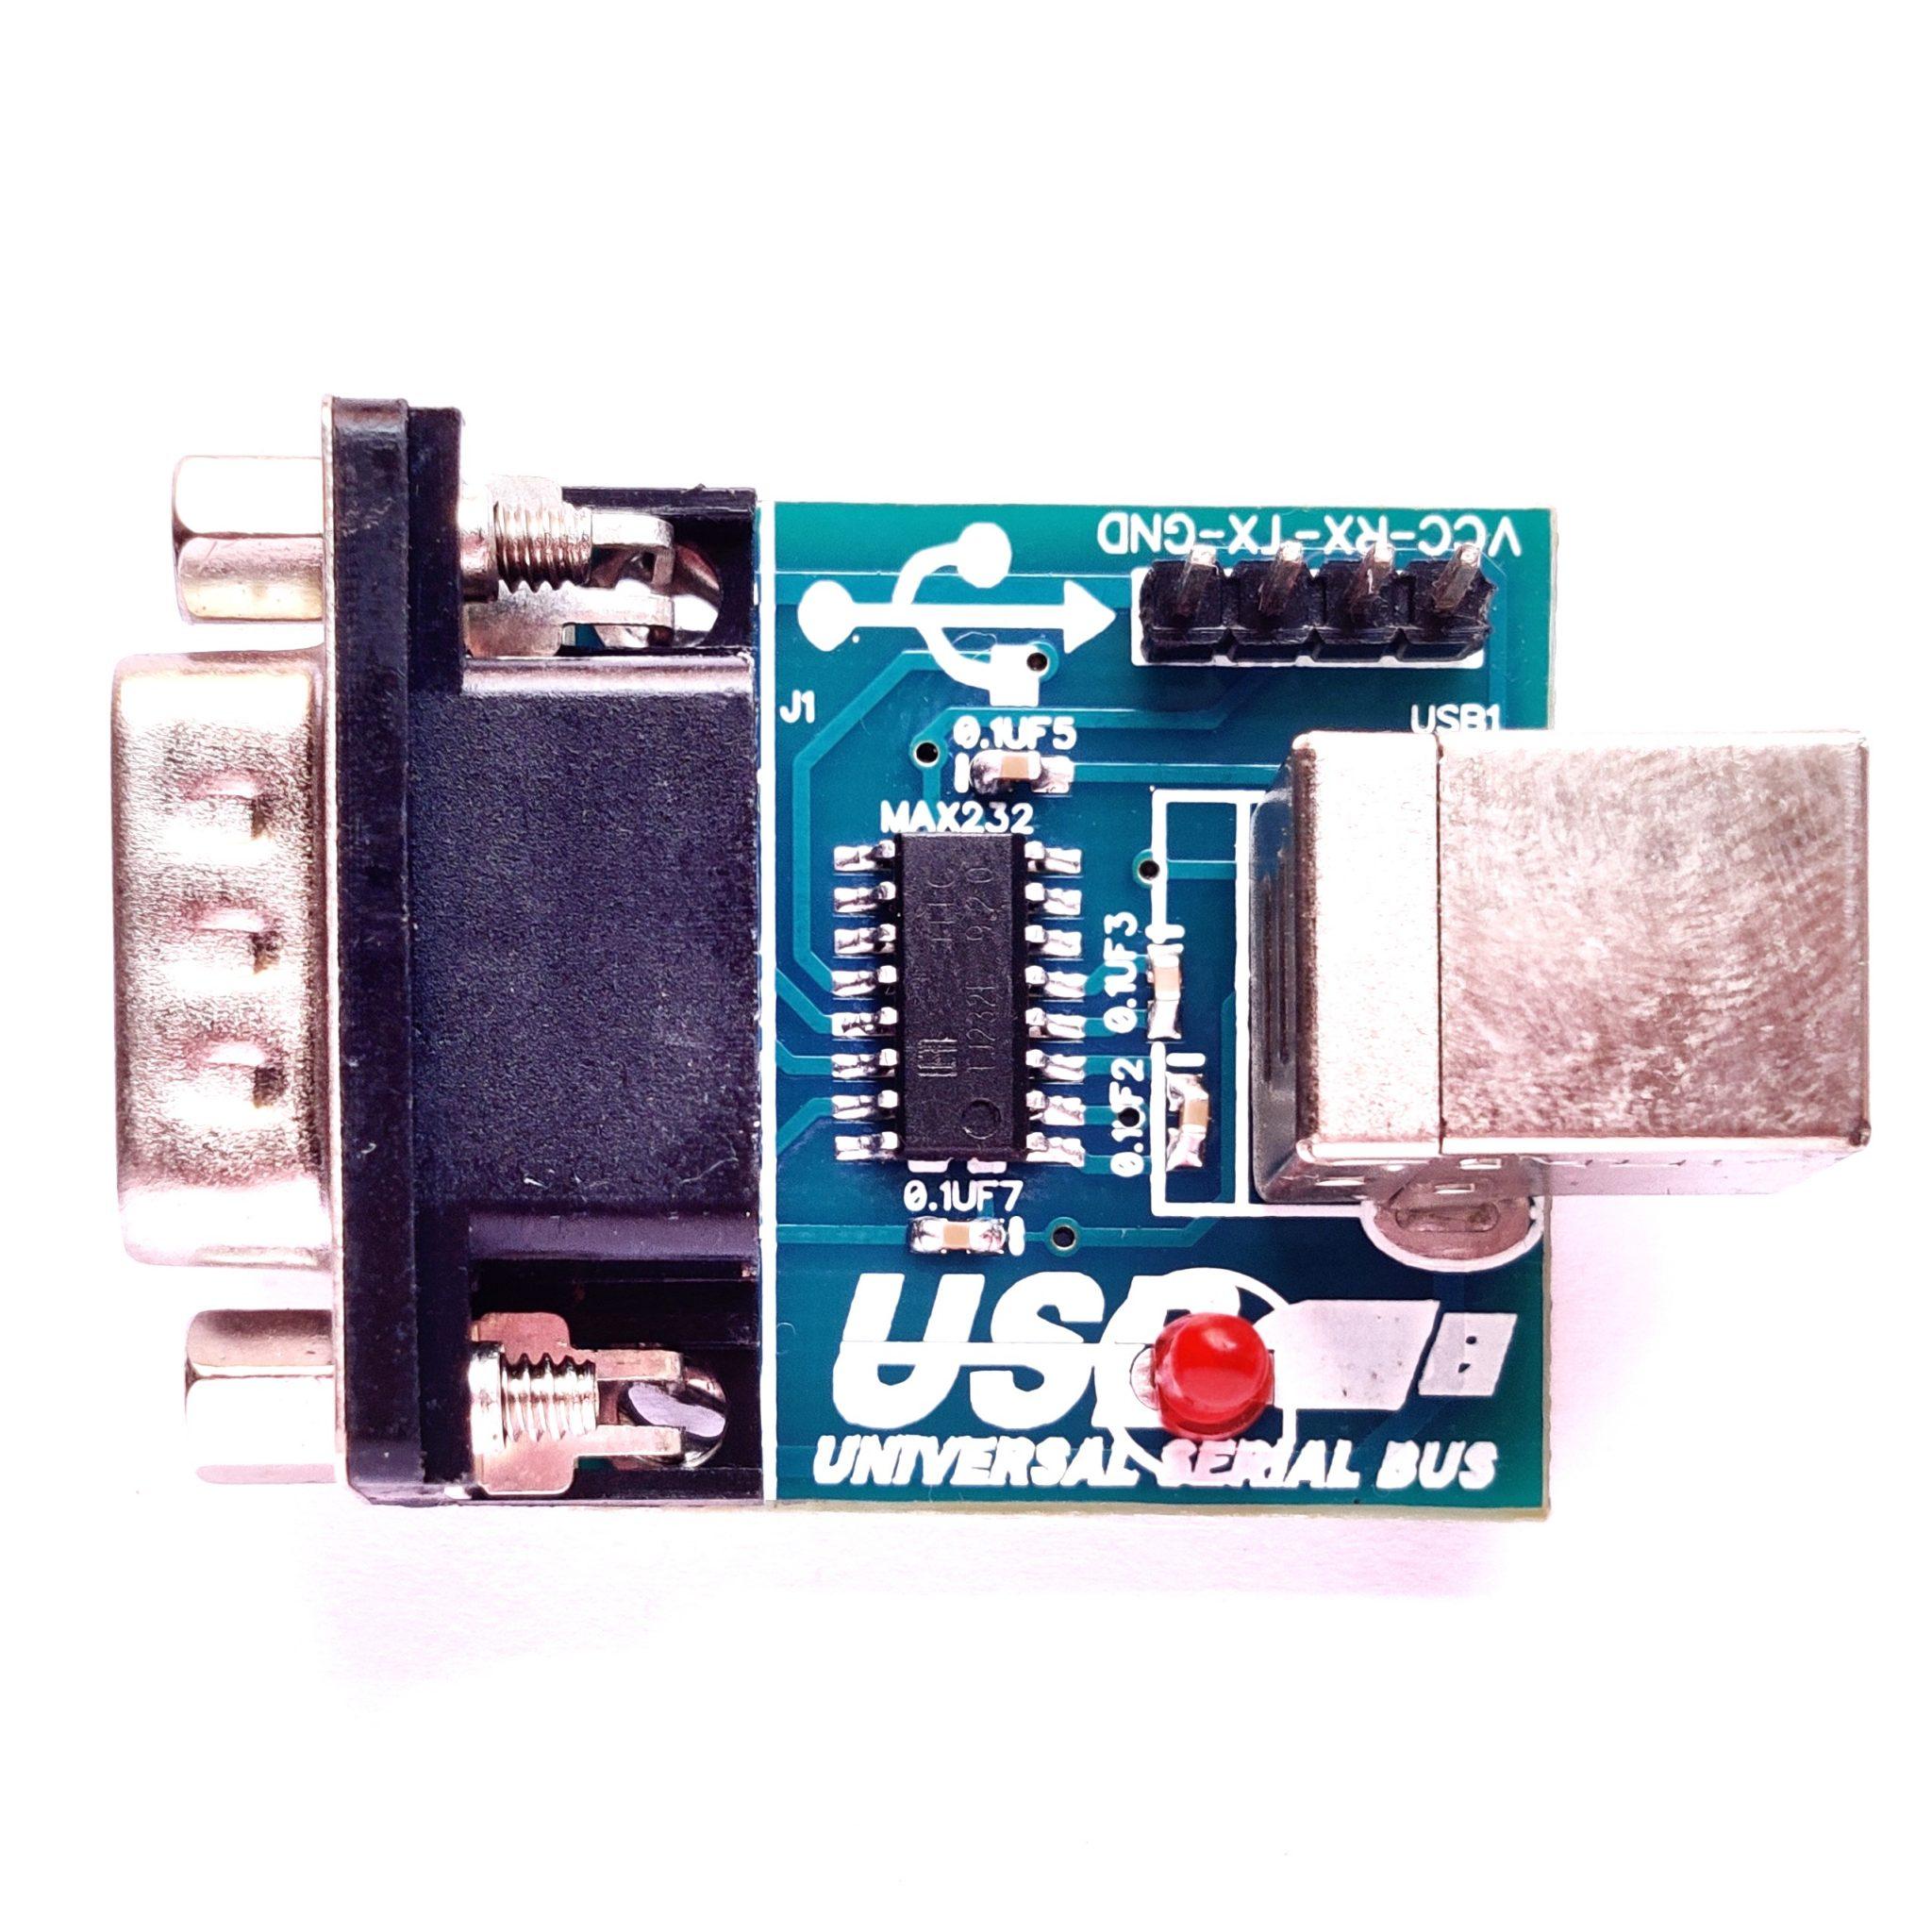 USB2 SERIAL MODULE (CP2102)